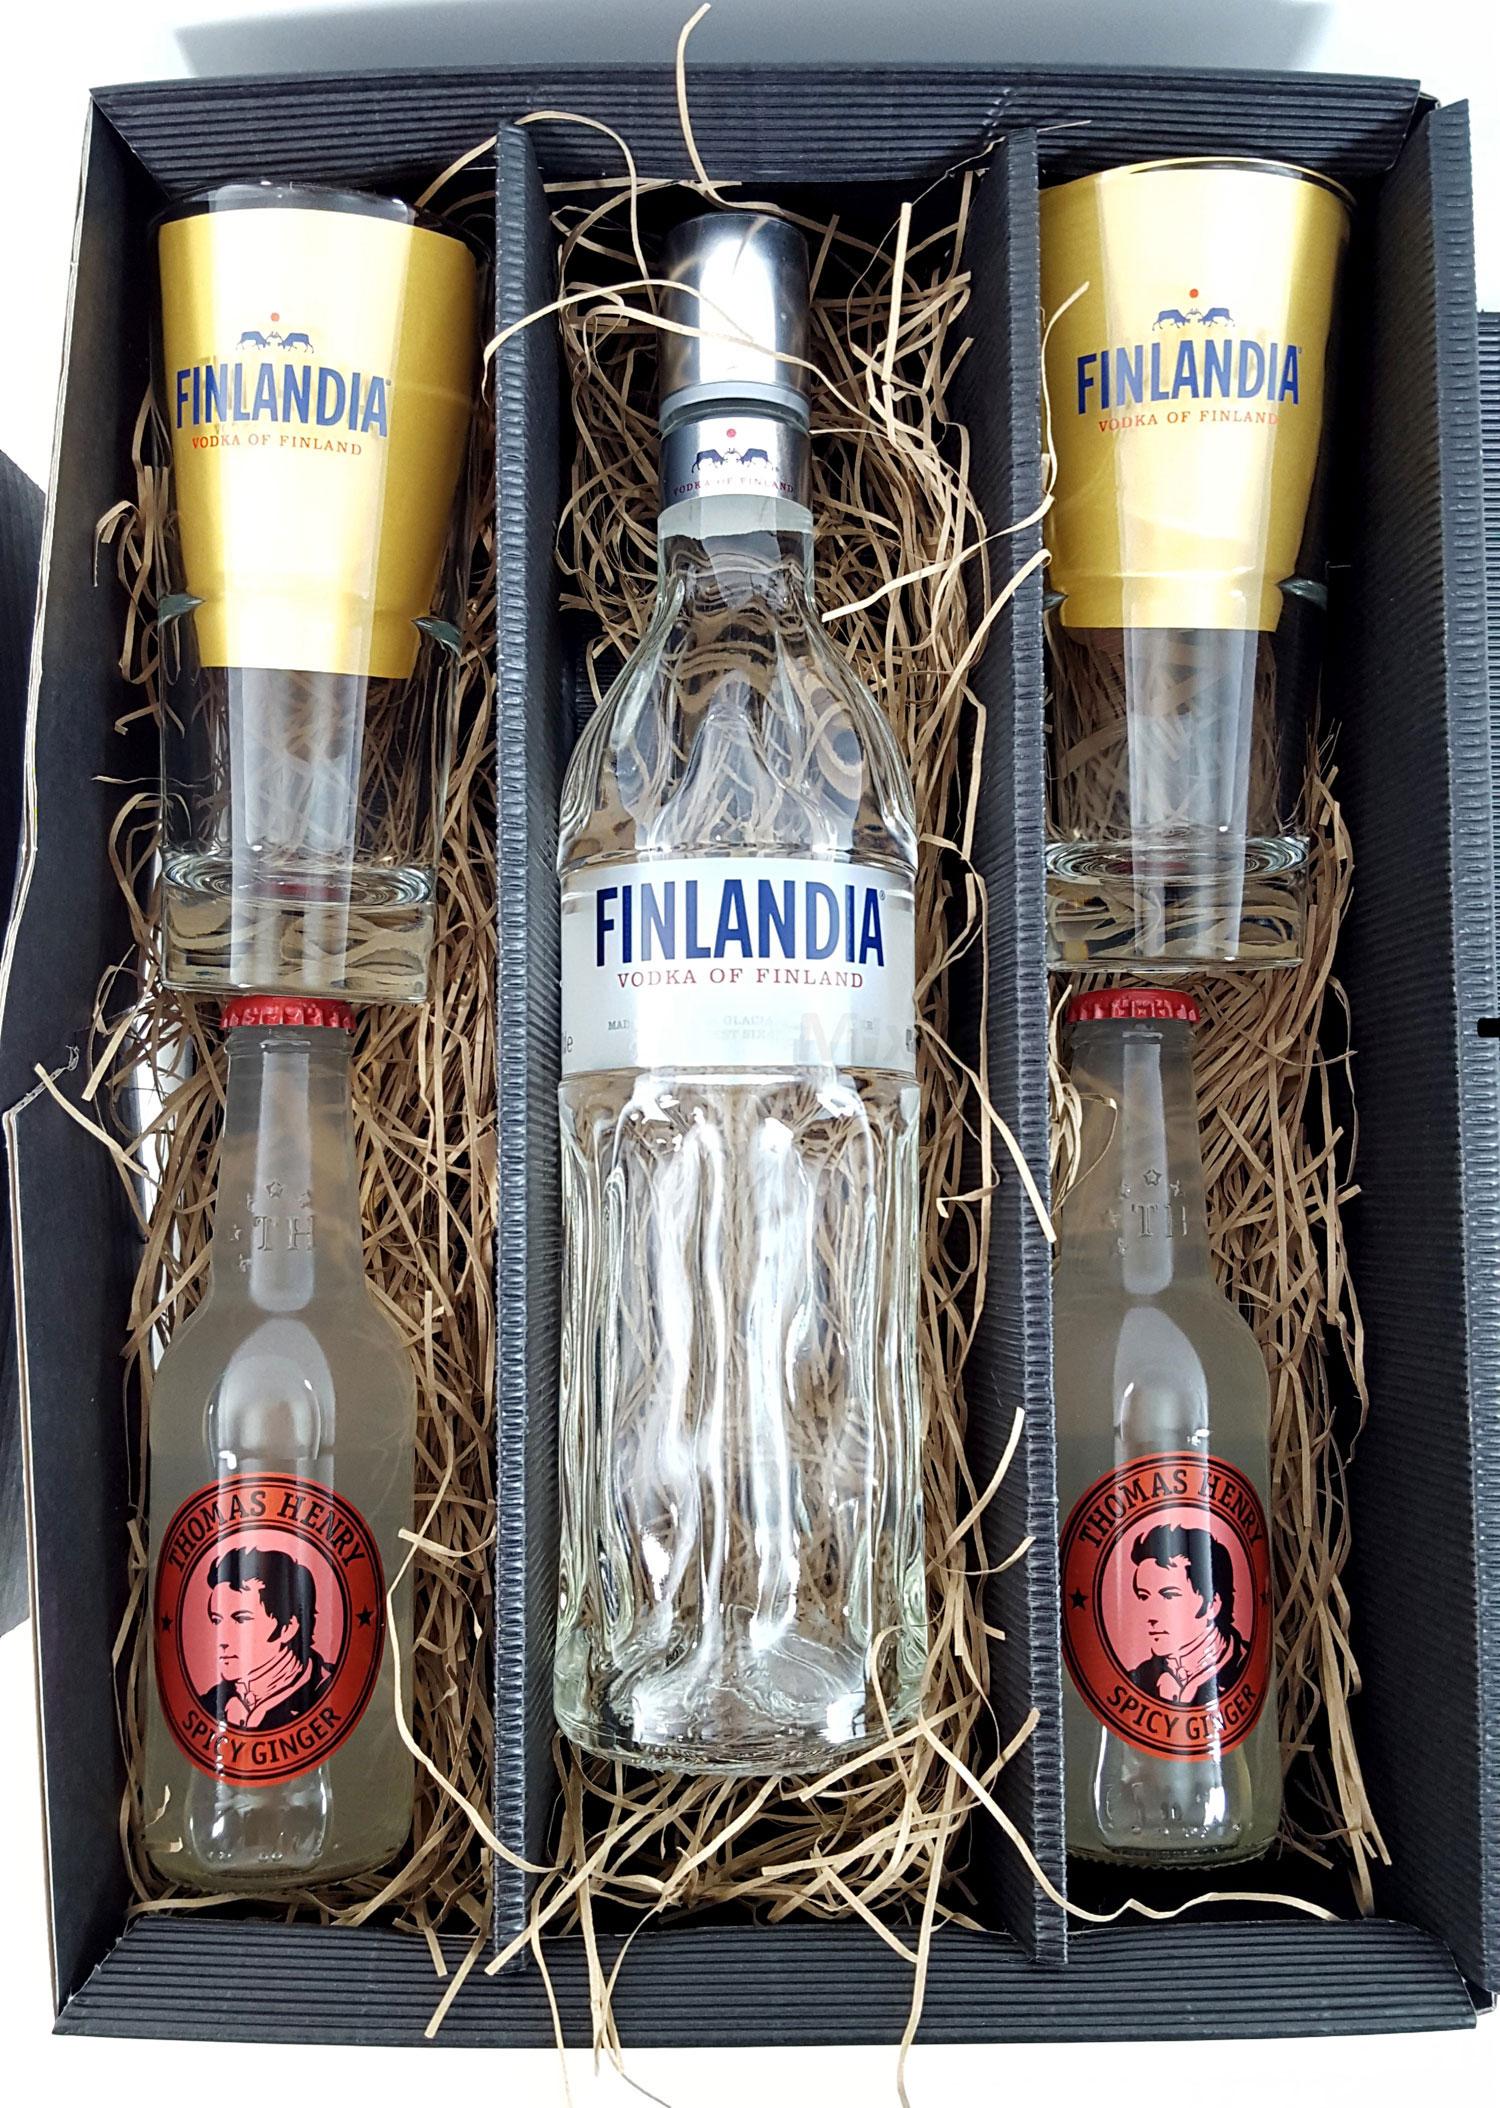 Finlandia Set / Geschenkset - Finlandia Vodka of Finland 1L (40% Vol) + 2x Gläser 2/4cl geeicht + 2x Thomas Henry Spicy Ginger 200ml - Inkl. Pfand MEHRWEG